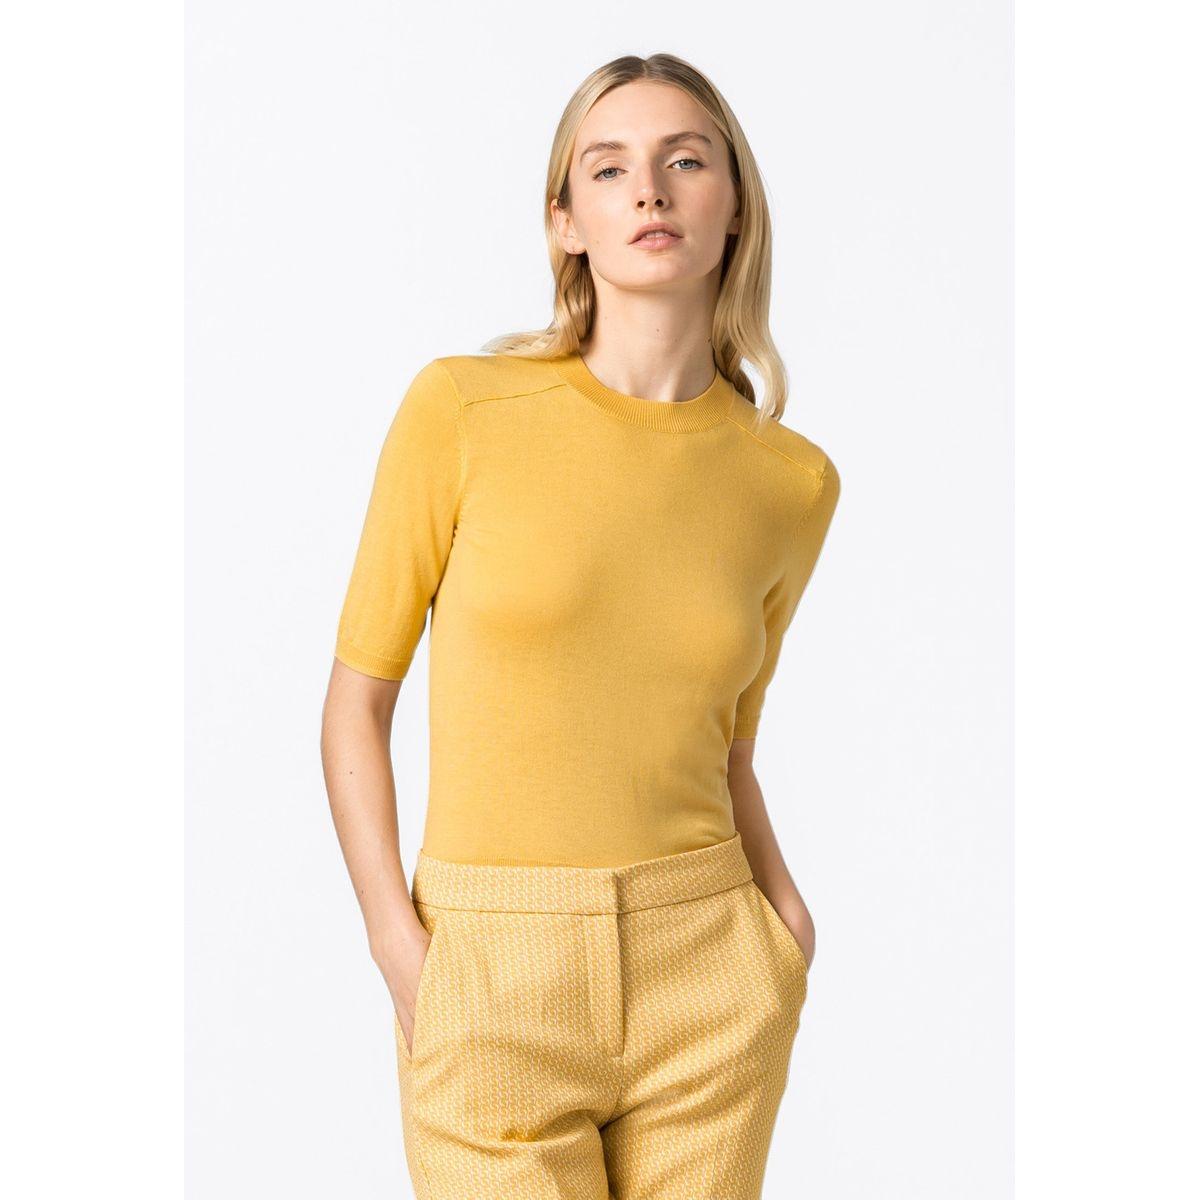 Pull-over à manches courtes en laine mérinos